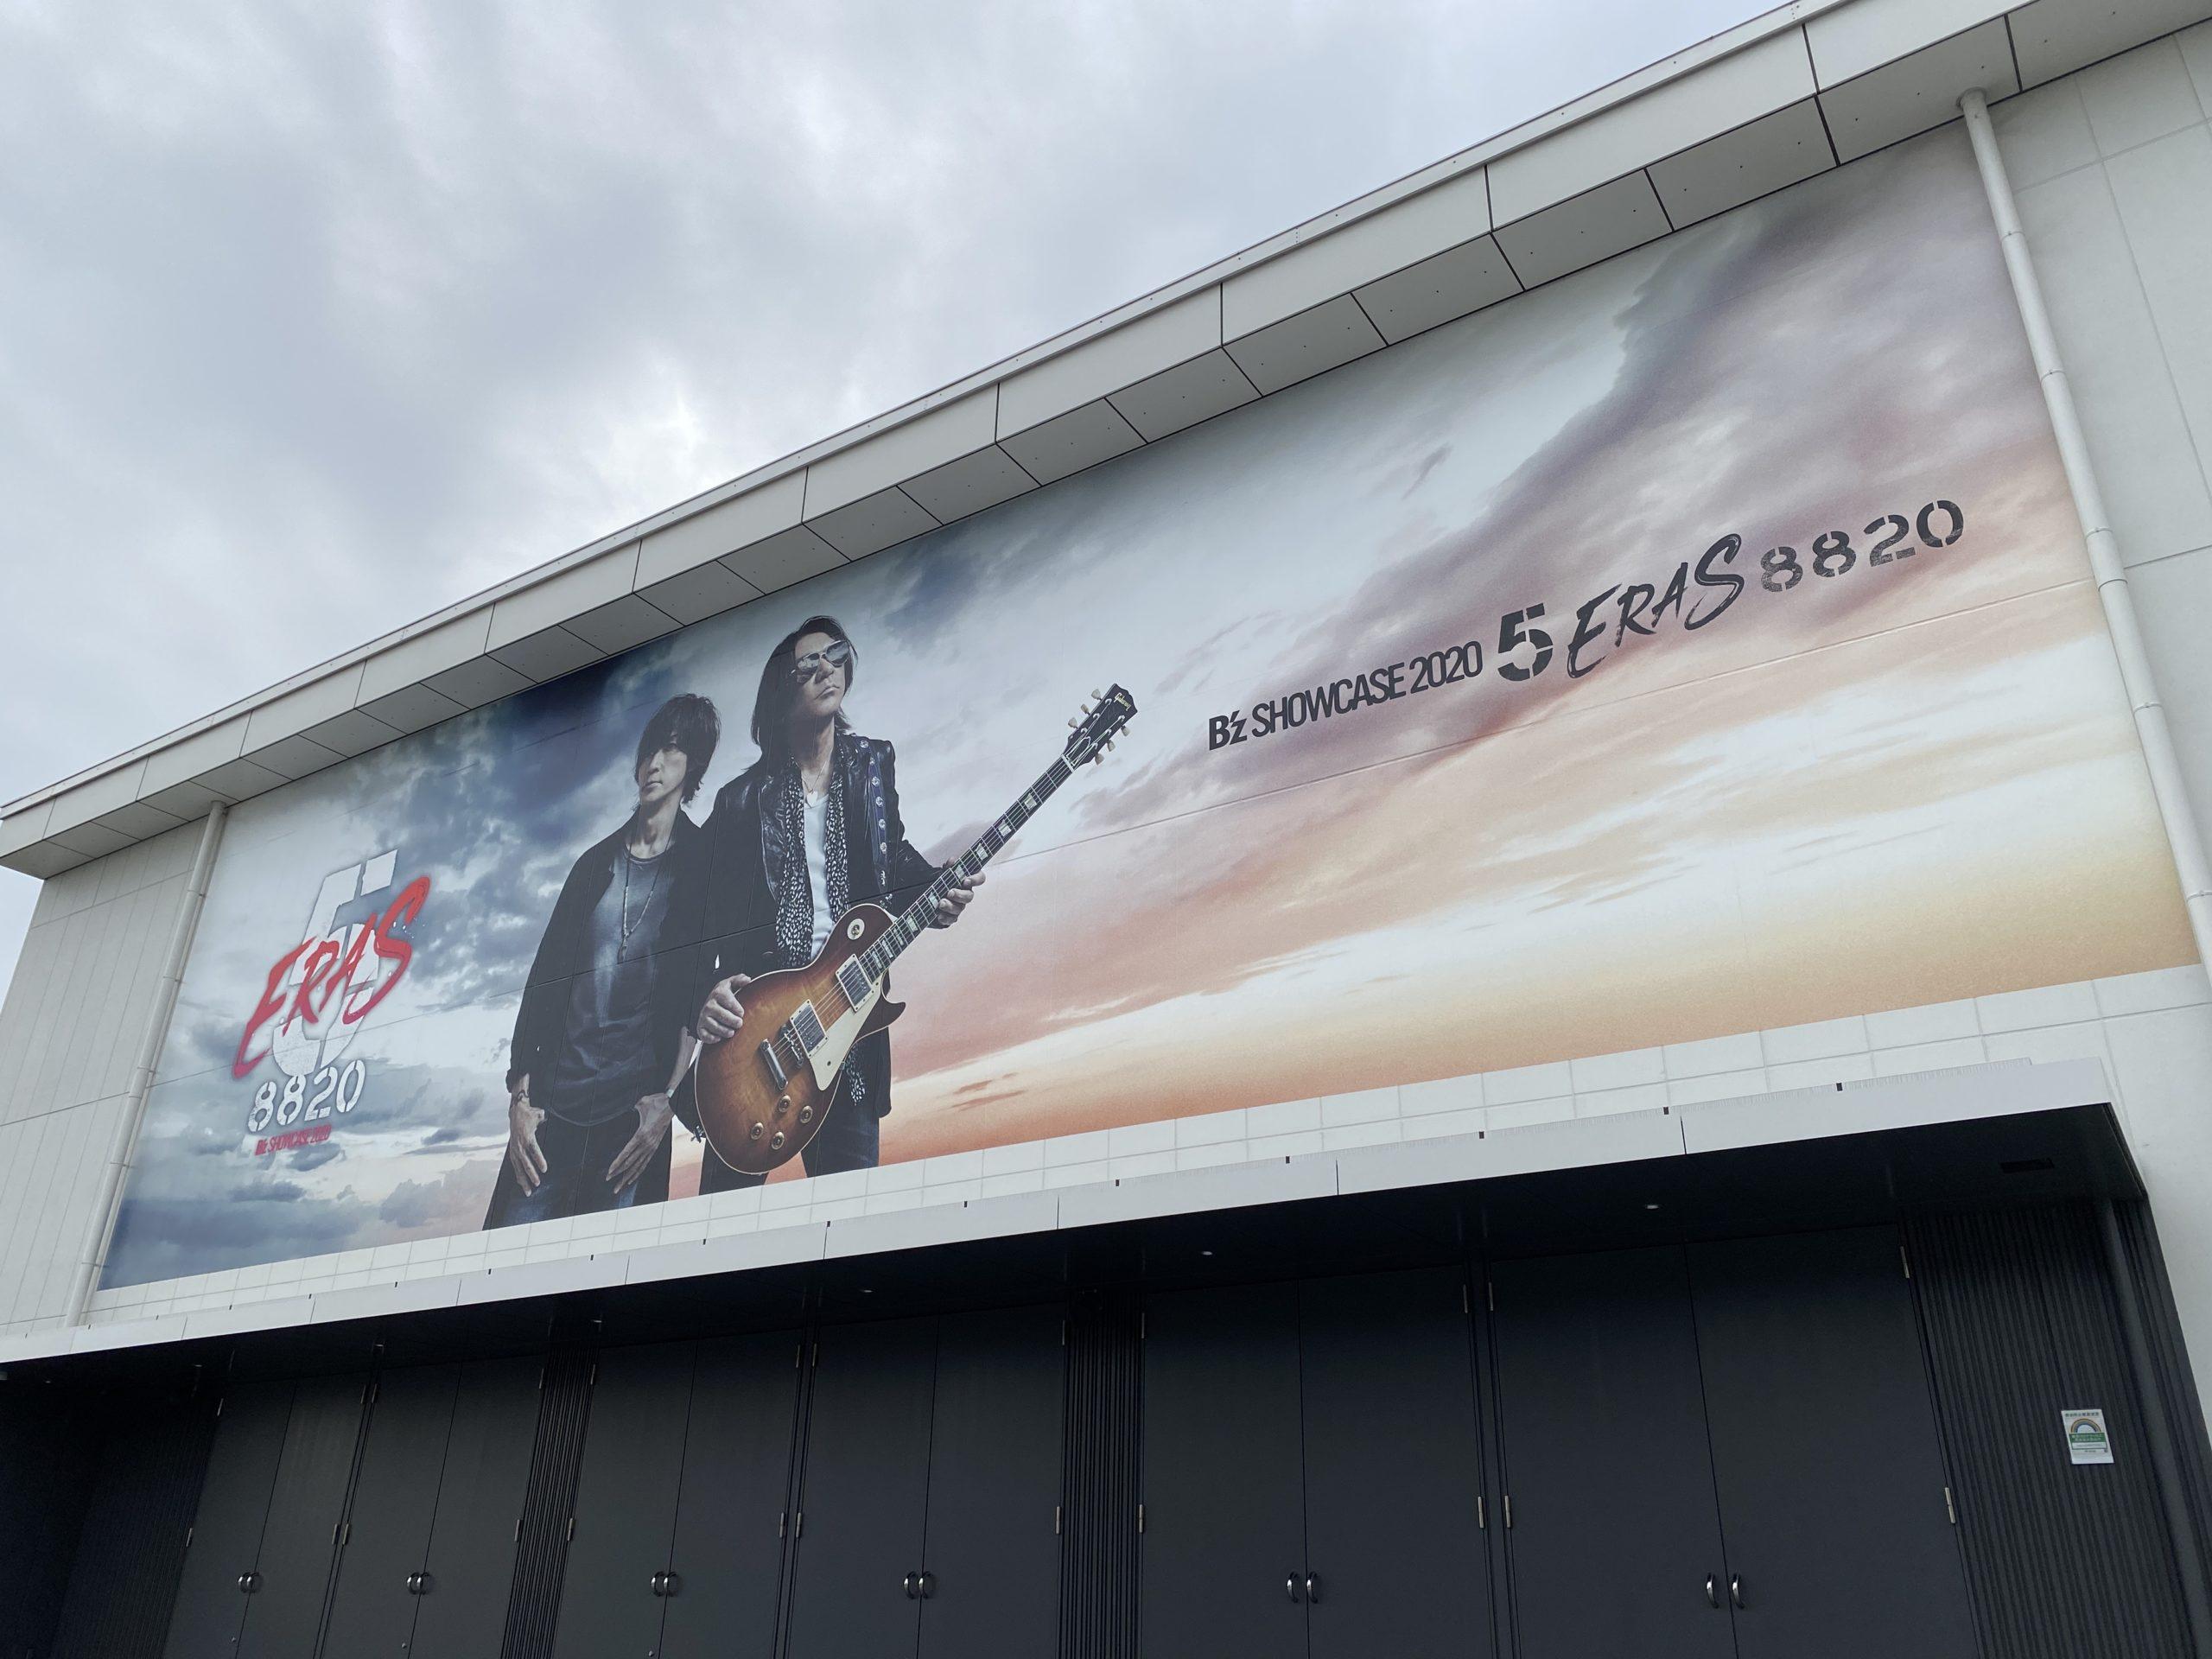 B'zの無観客配信ライブが行われる「Zepp Haneda(TOKYO)」の様子